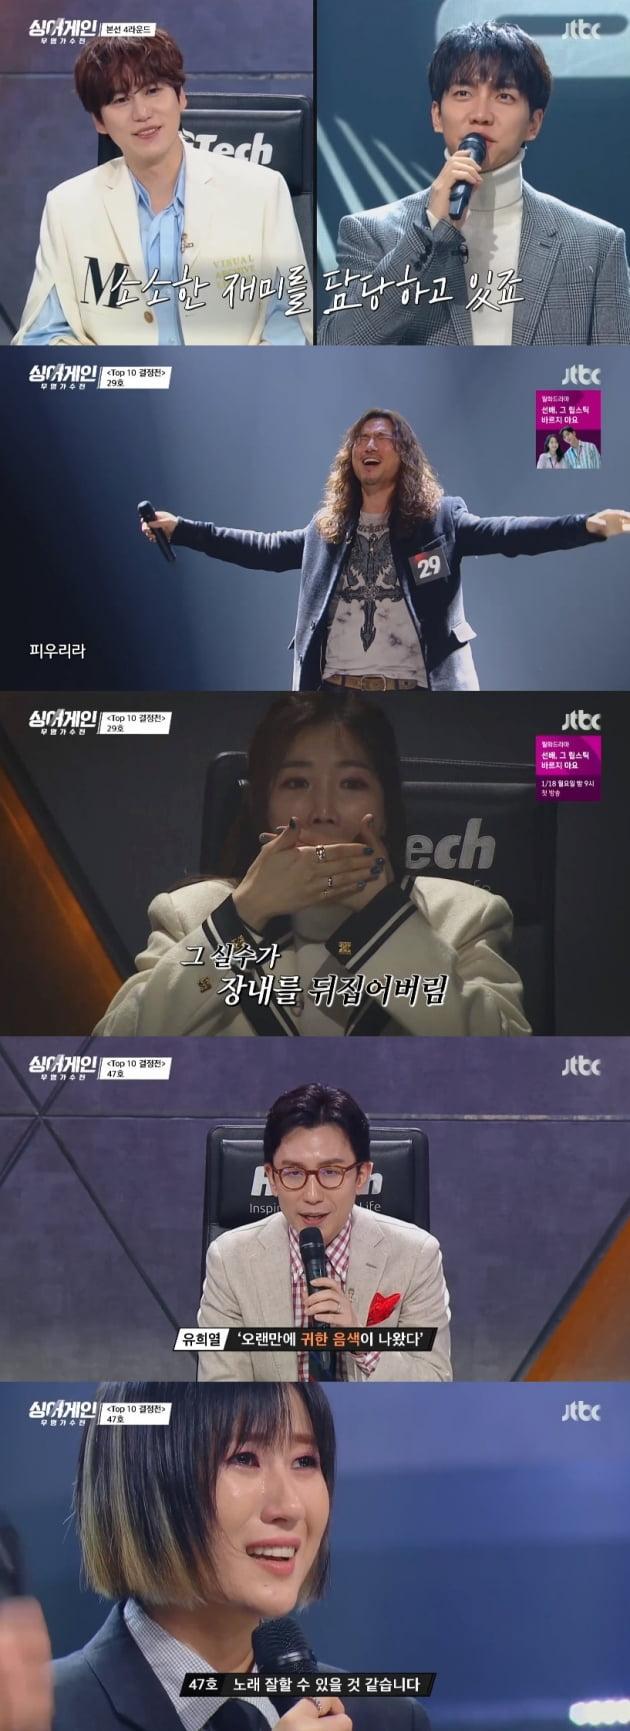 '싱어게인' 톱10 결정전 /사진=JTBC